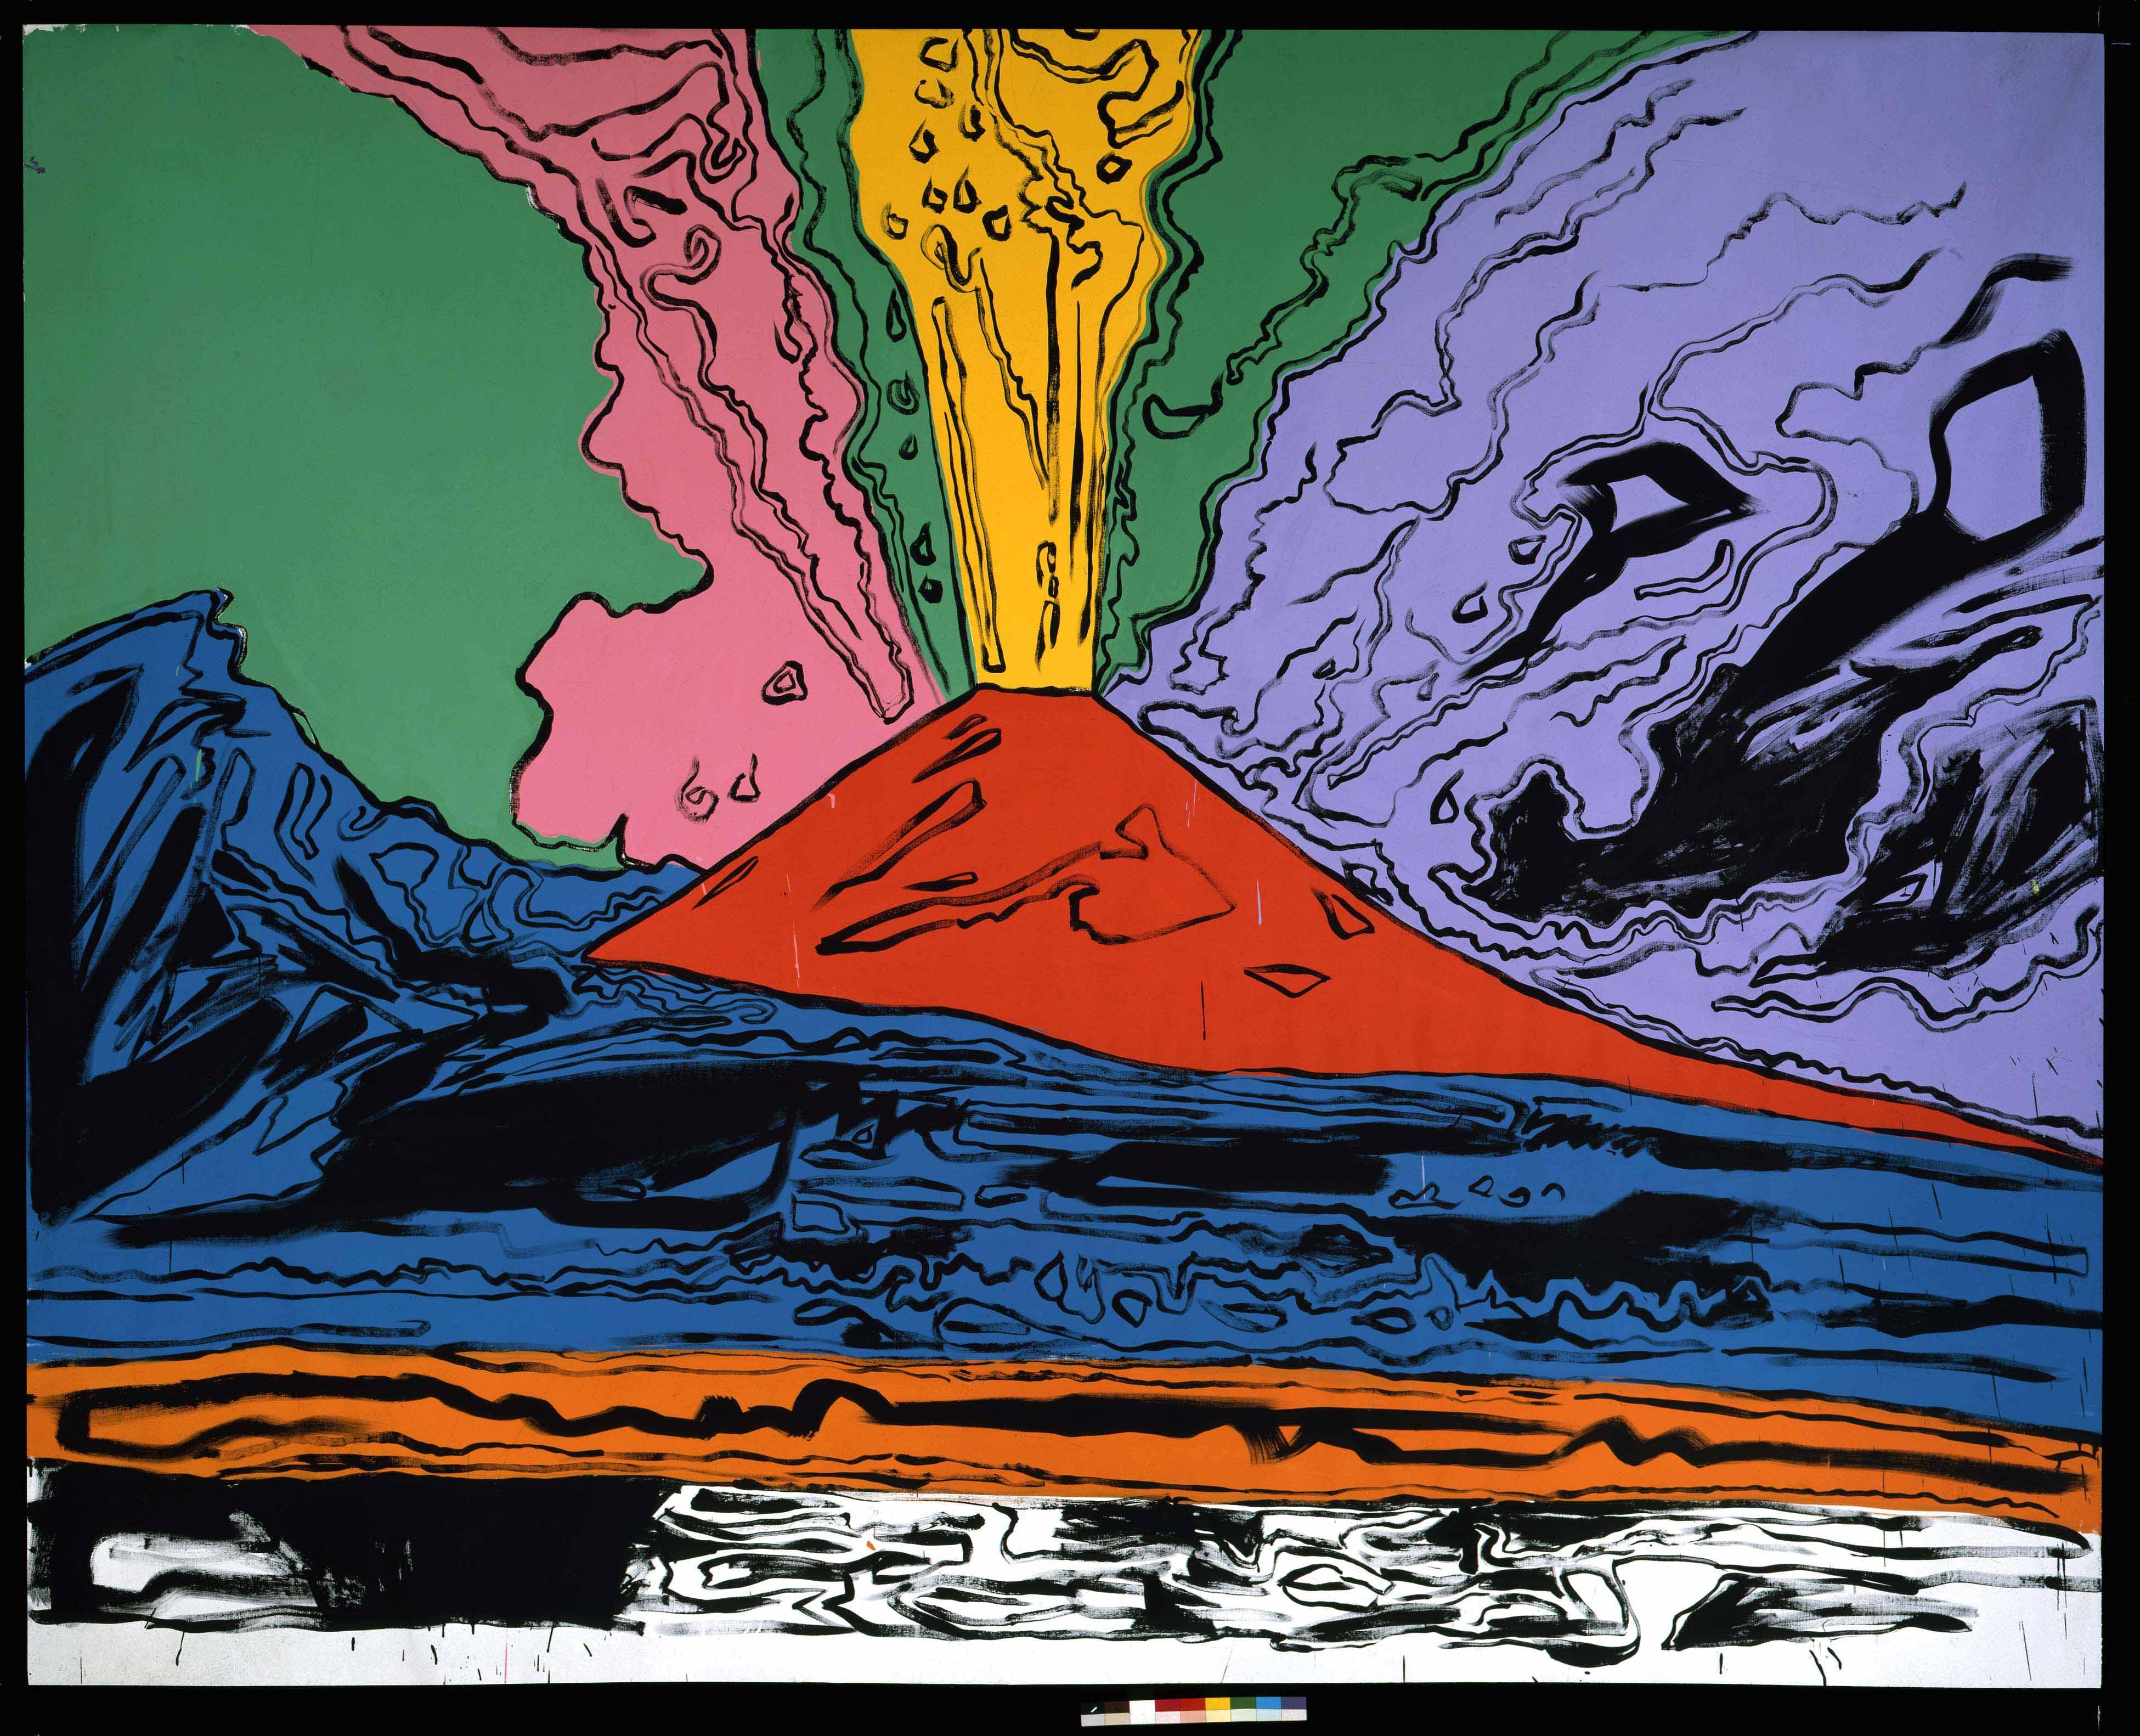 Mostra di Andy Warhol al PAN, la più brutta che io abbia mai visto